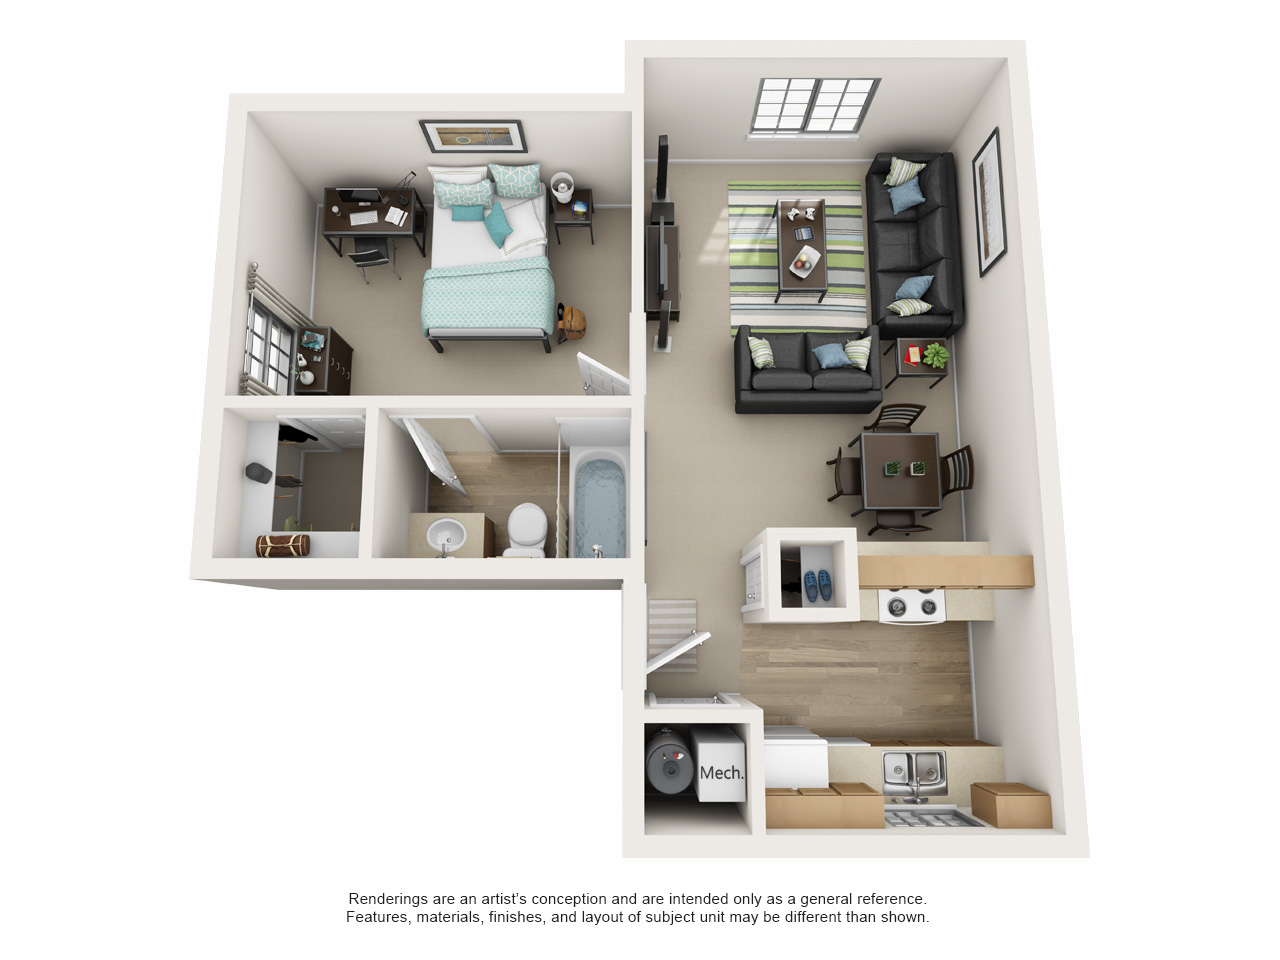 1 bedroom apartment floor plan